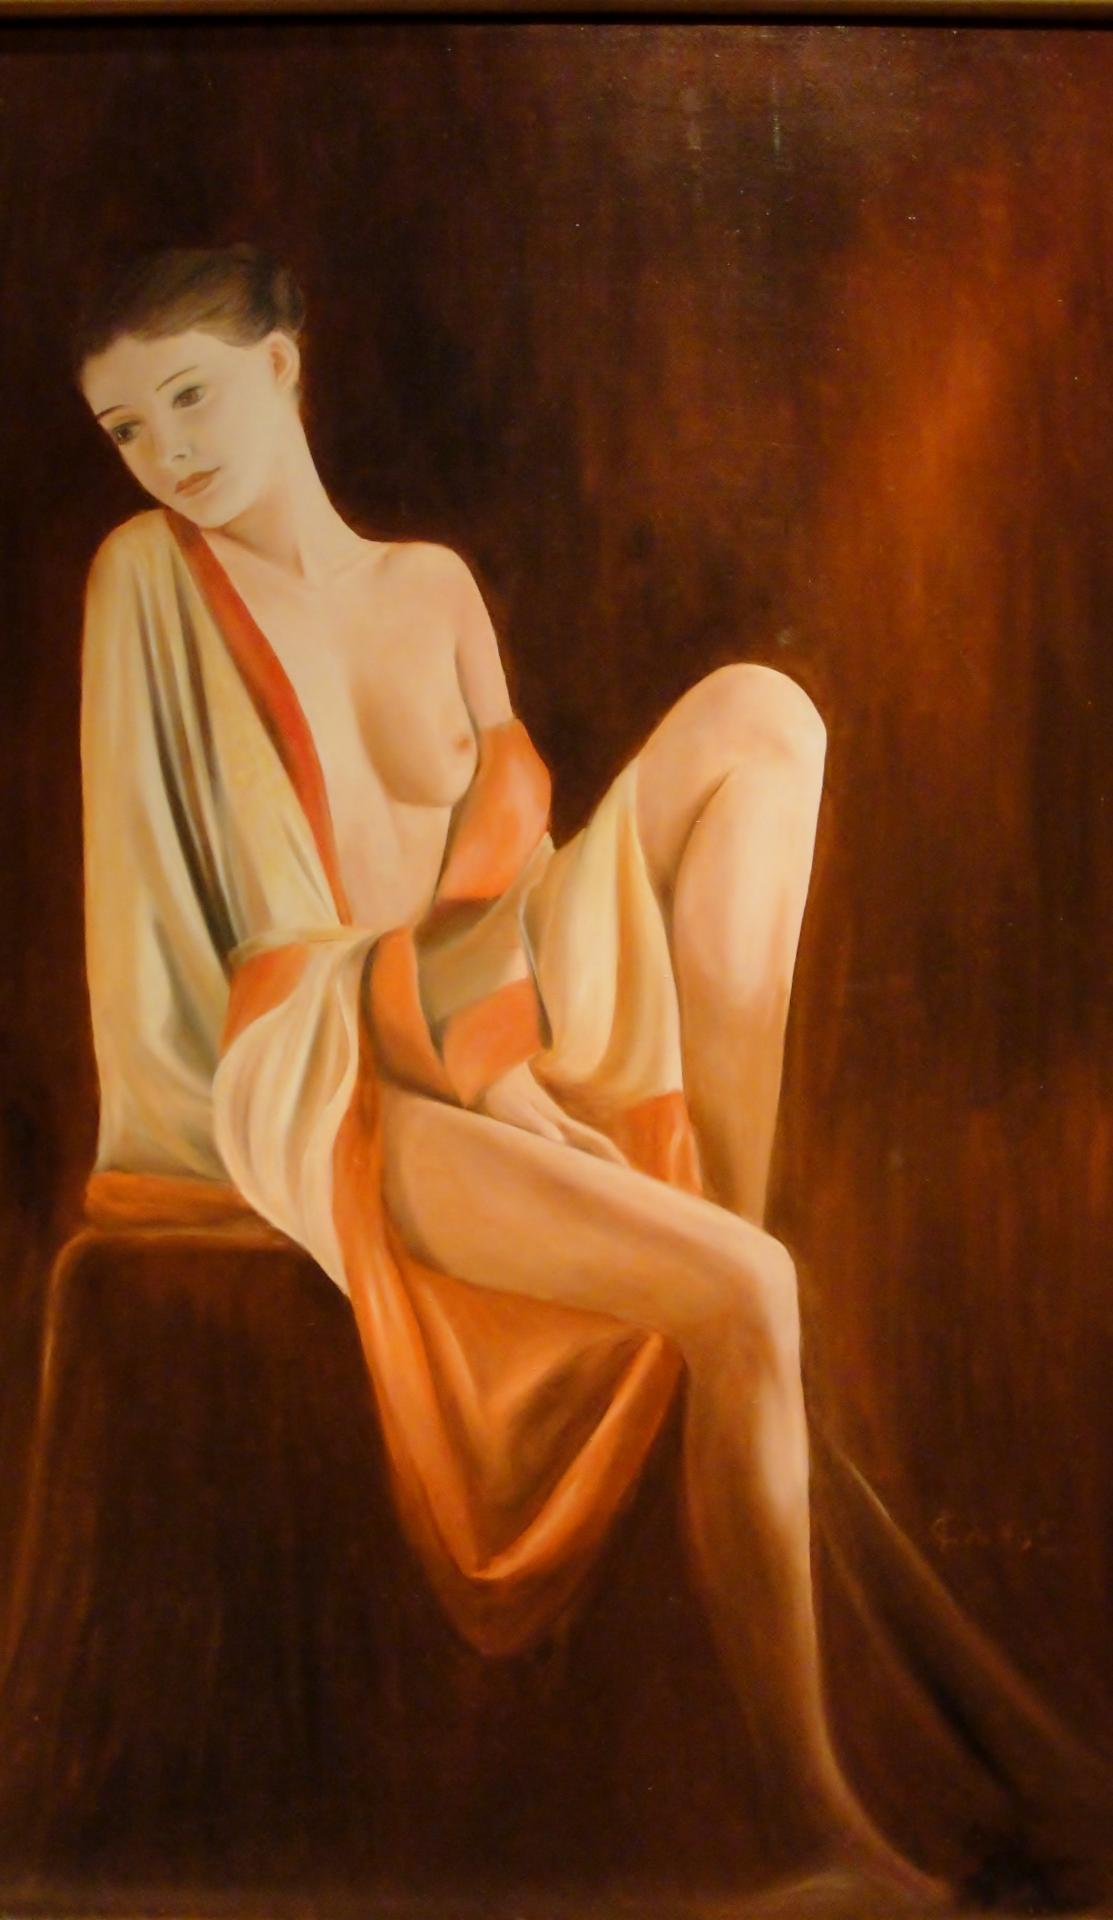 Peinture de nu par jean joseph chevalier 8